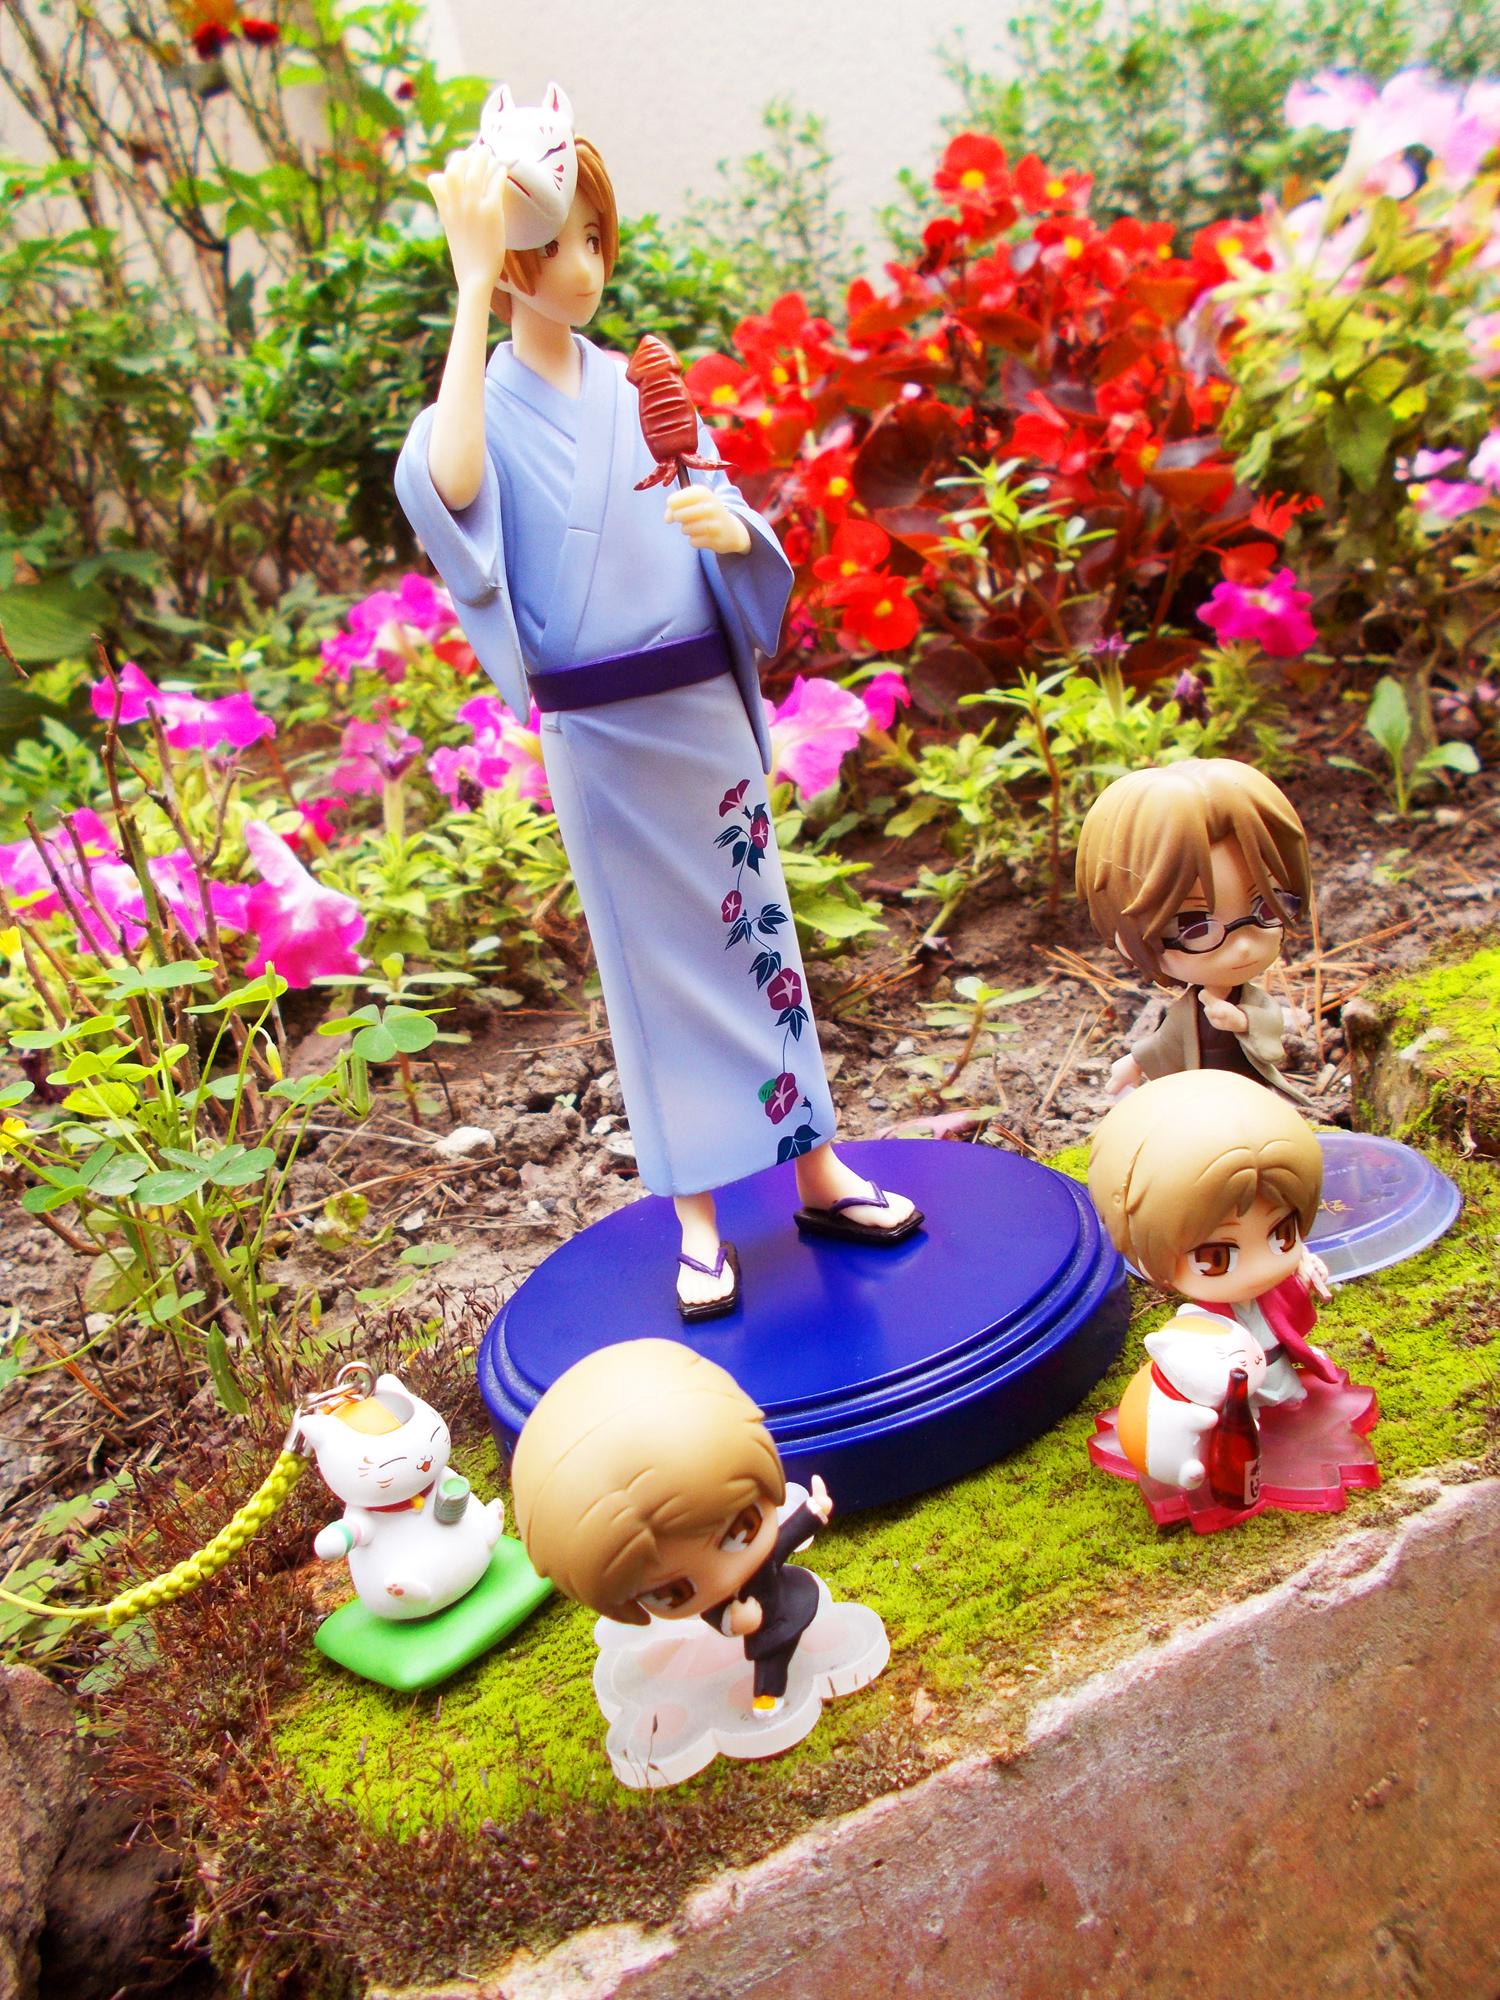 megahouse banpresto natsume_yuujinchou natsume_takashi ichiban_kuji netsuke madara_(nyanko-sensei) takara_tomy_a.r.t.s petit_chara_land chibi_kyun-chara hakusensha midorikawa_yuki natsume_yuujinchou_san natori_shuuichi dxf_figure ichiban_kuji_natsume_yuujinchou_tribute_gallery__~_oshihanakatari_~ nyanko-sensei_strap_collection_part_3 petit_chara_land_natsume_yuujinchou_four_seasons